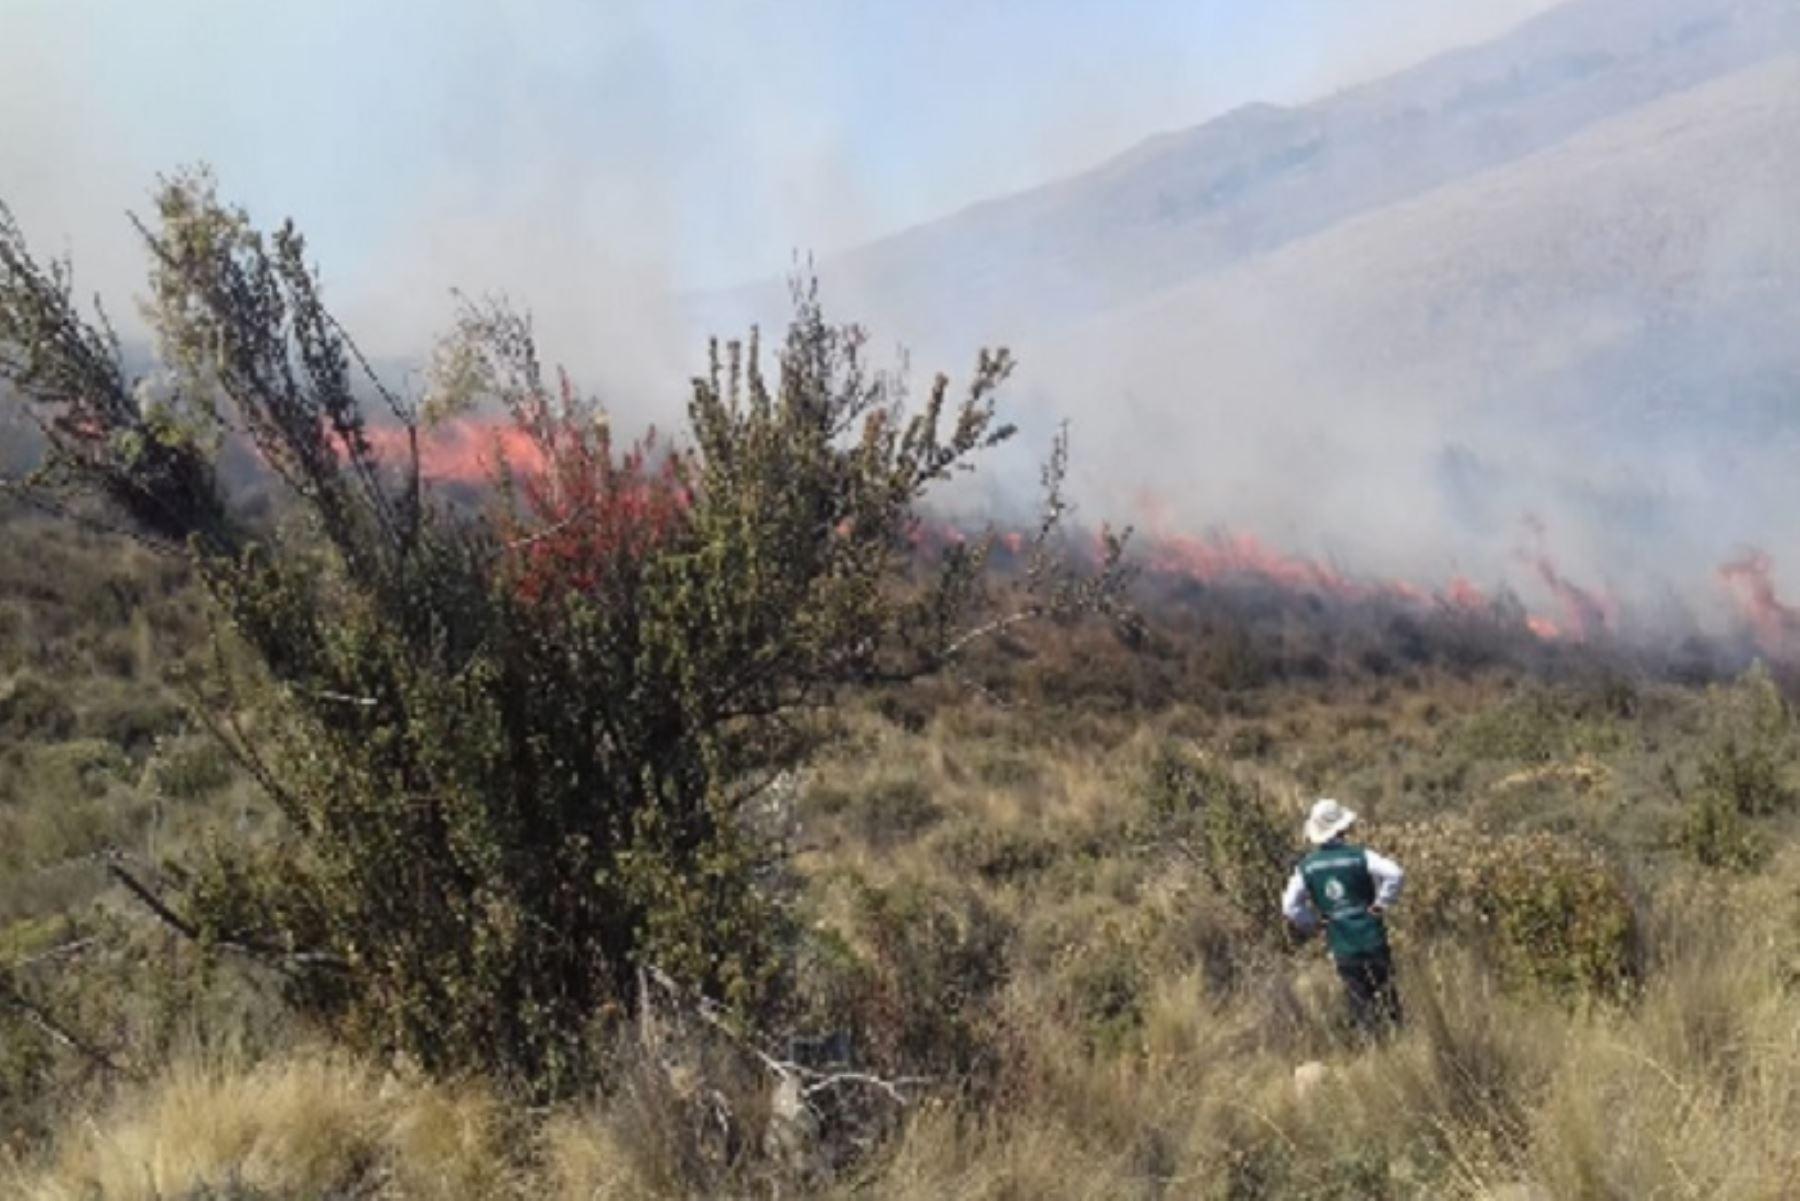 El incendio forestal que se ayer se inició ayer en el sector de Talamolle, región Moquegua, y se extendió hasta el distrito arequipeño de Polobaya, avanza hacia el bosque de queñuales, ubicado en las faldas del volcán Pichu Pichu, advirtió el Servicio Nacional Forestal y de Fauna Silvestre (Serfor).